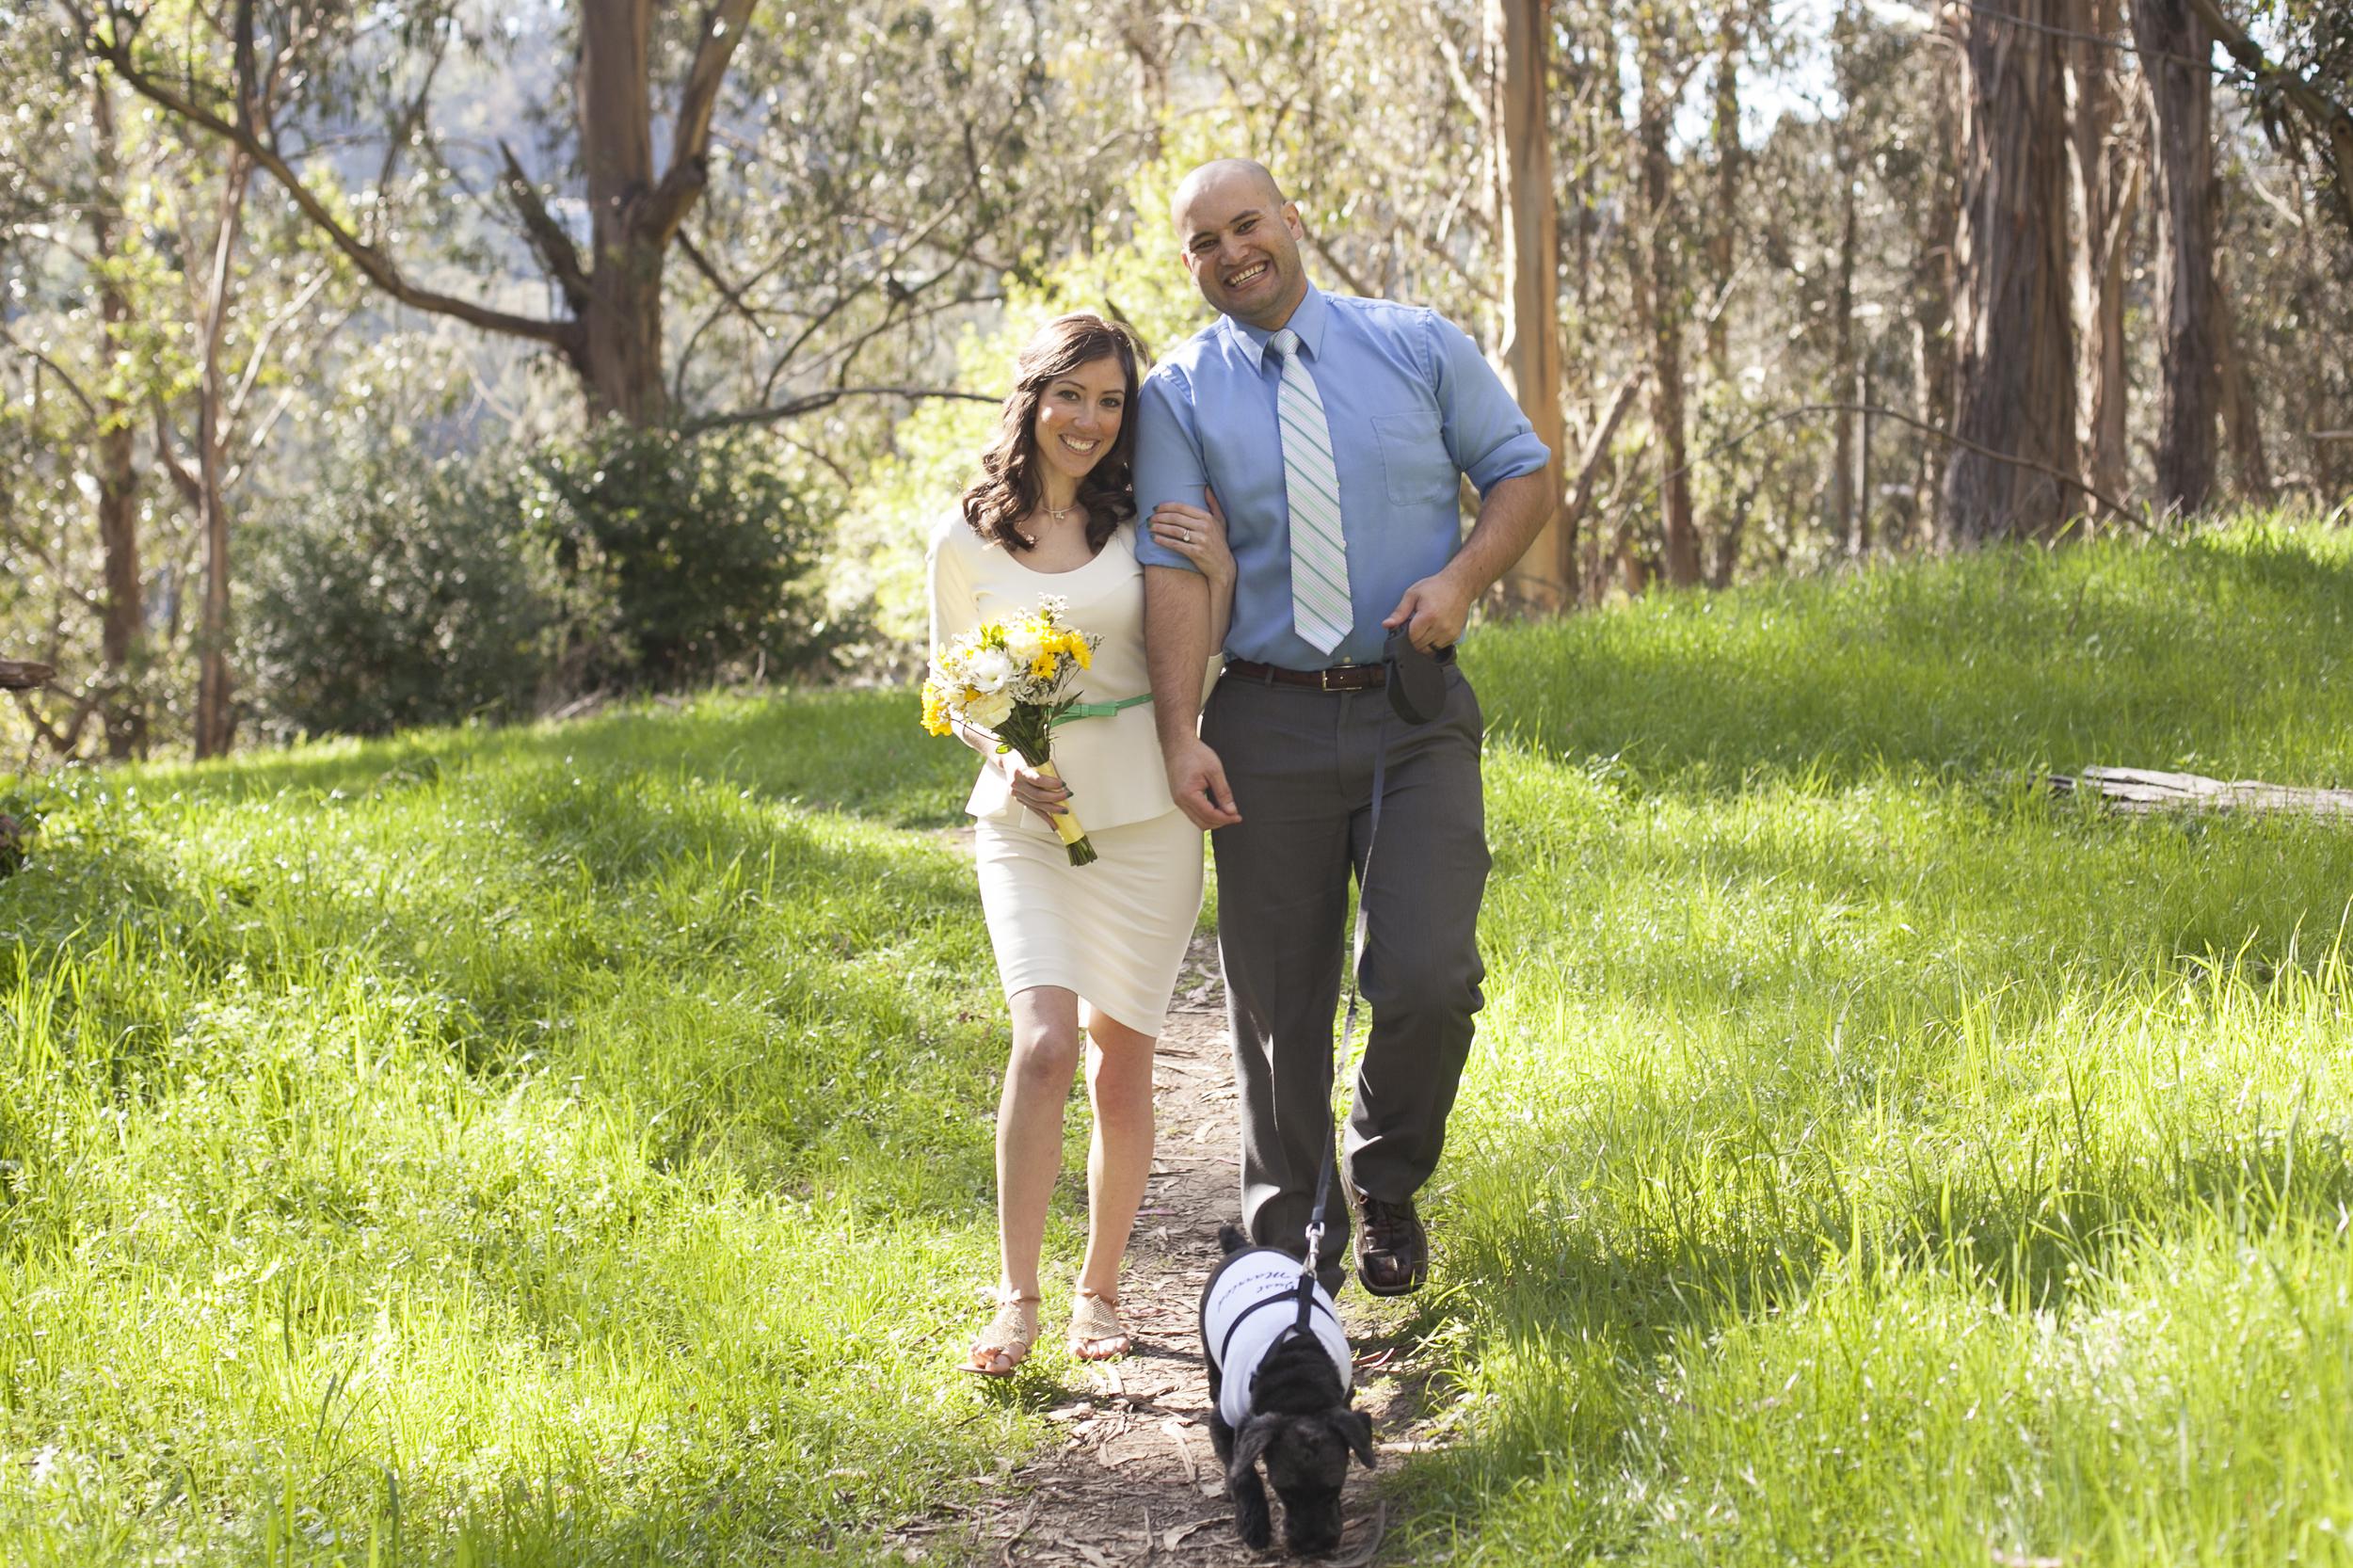 Tilden Park Berkeley Wedding Photographer-Meo Baaklini034.jpg